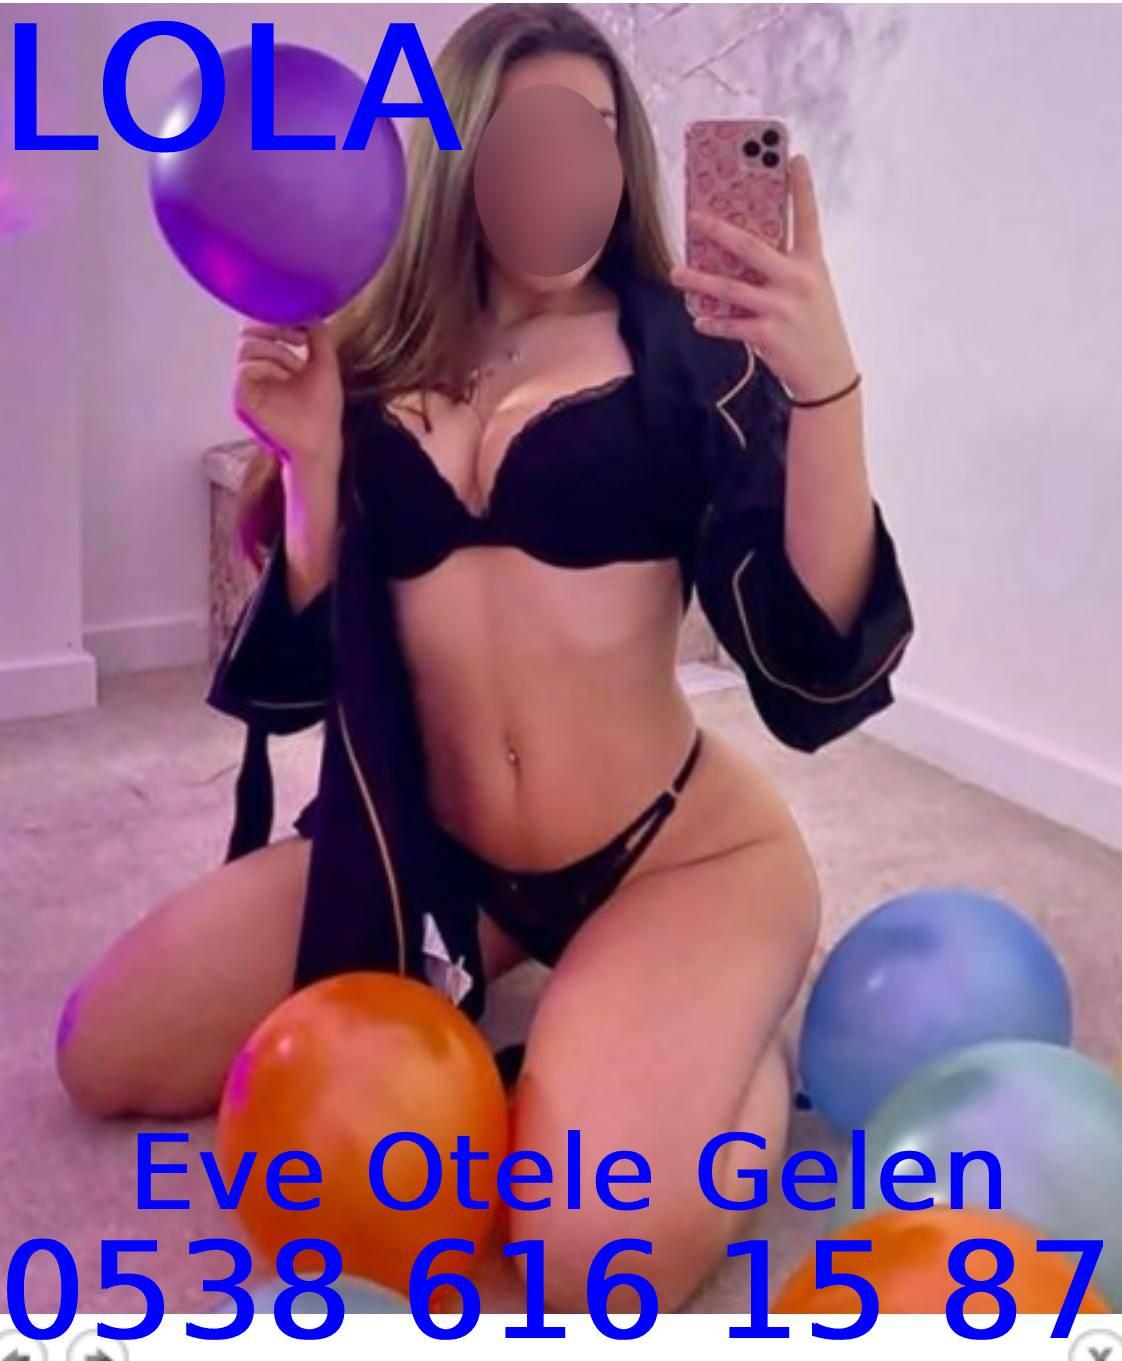 Ankara eve otele gelen escort Lola